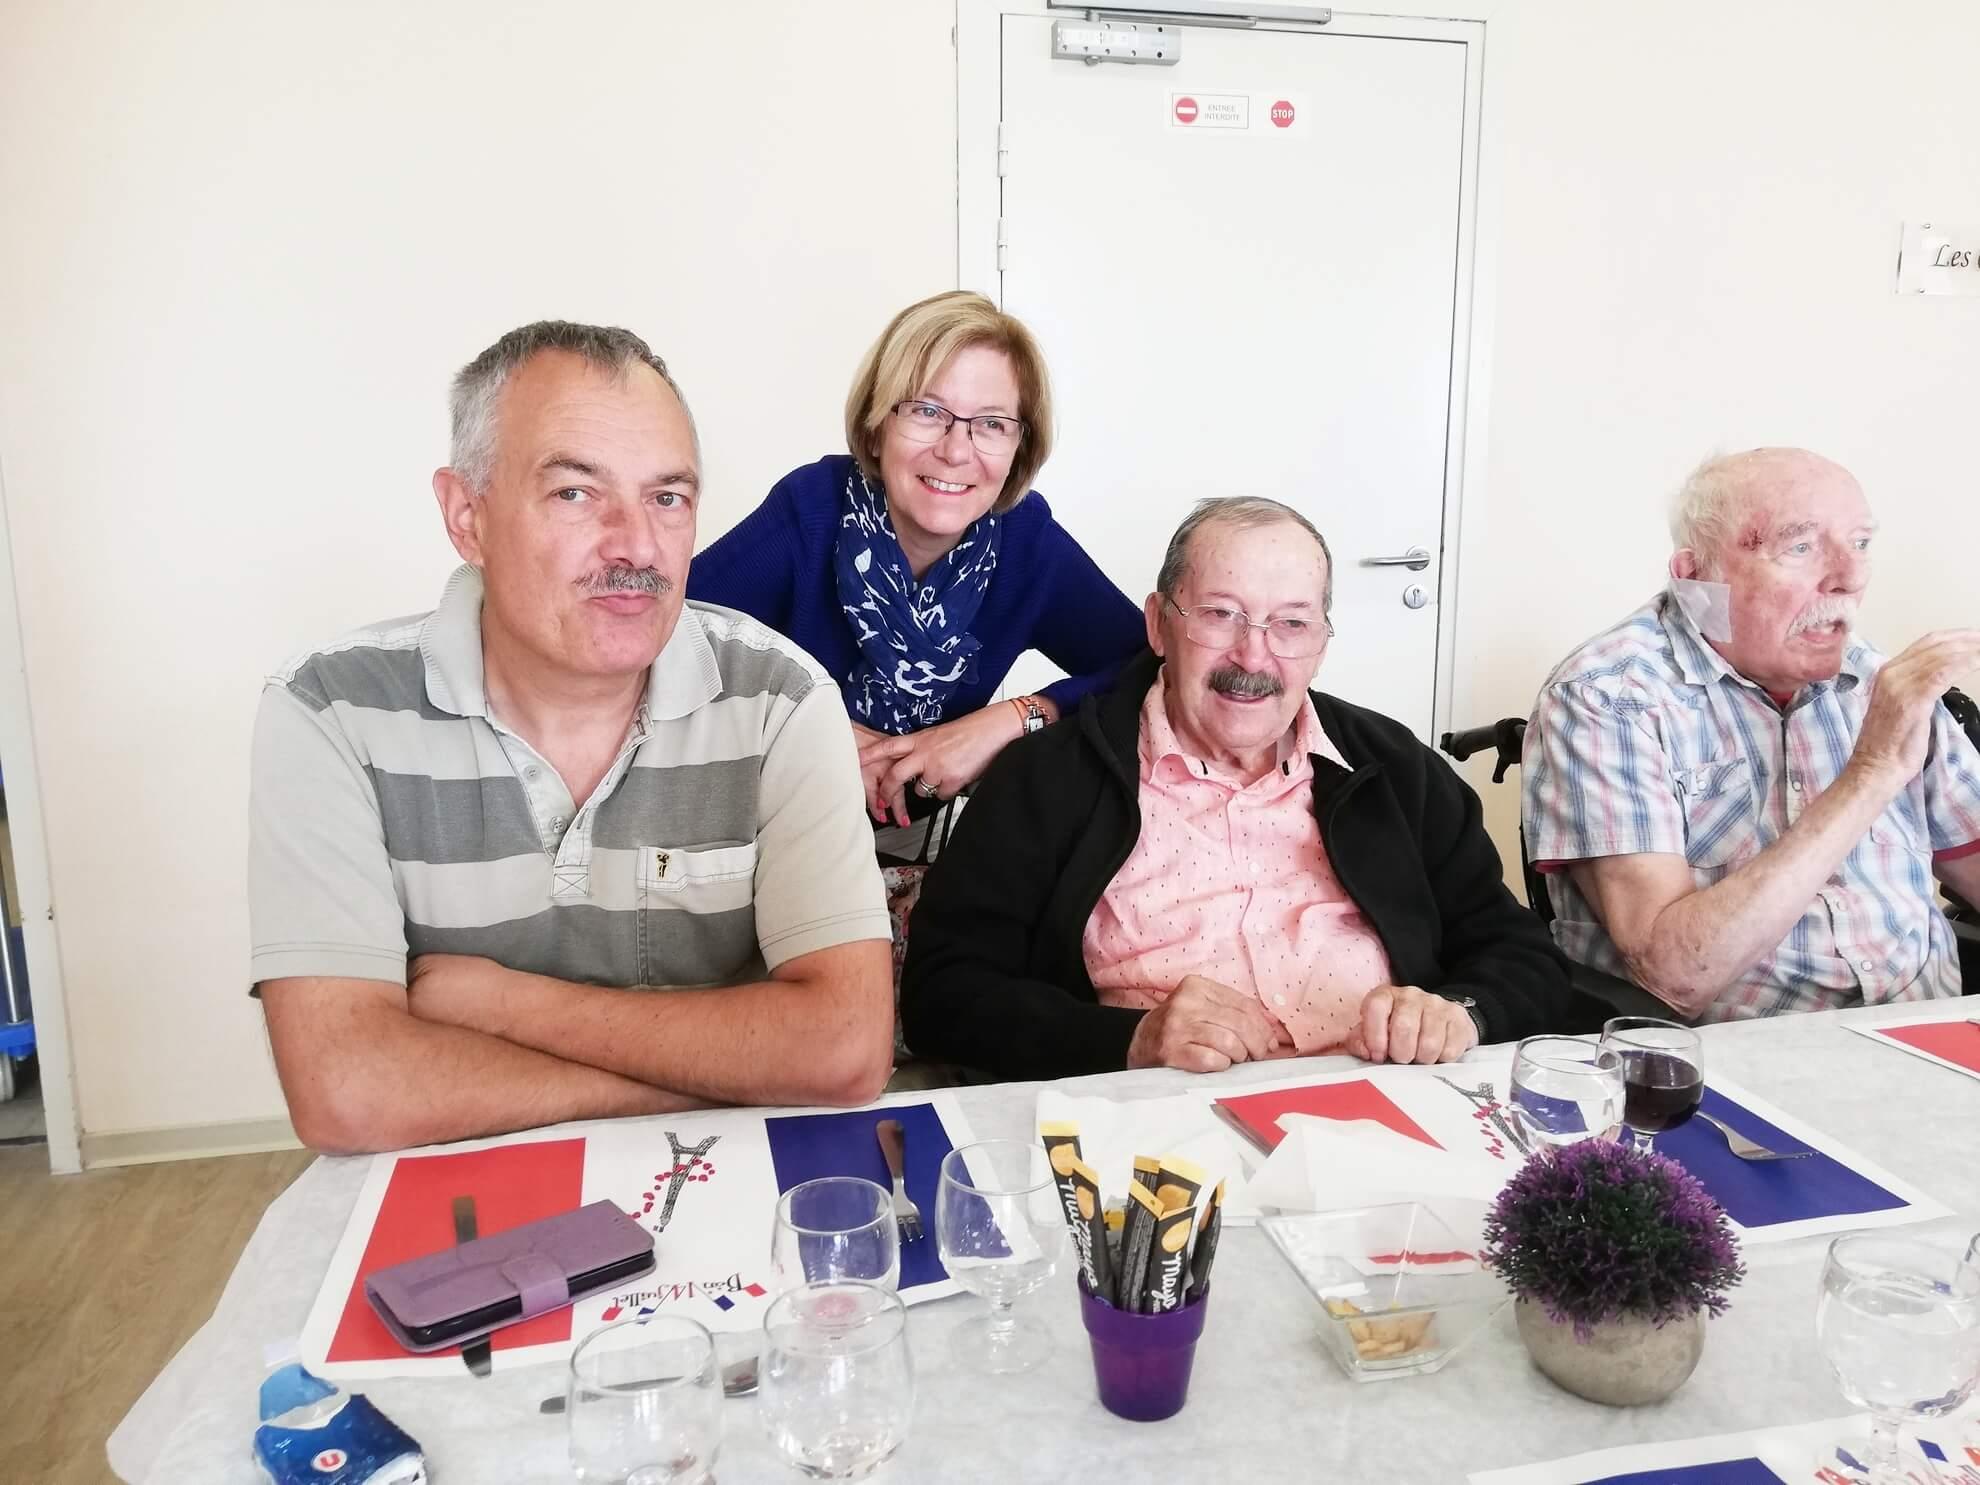 14 juillet fête des familles ehpad les lilas marck (2)